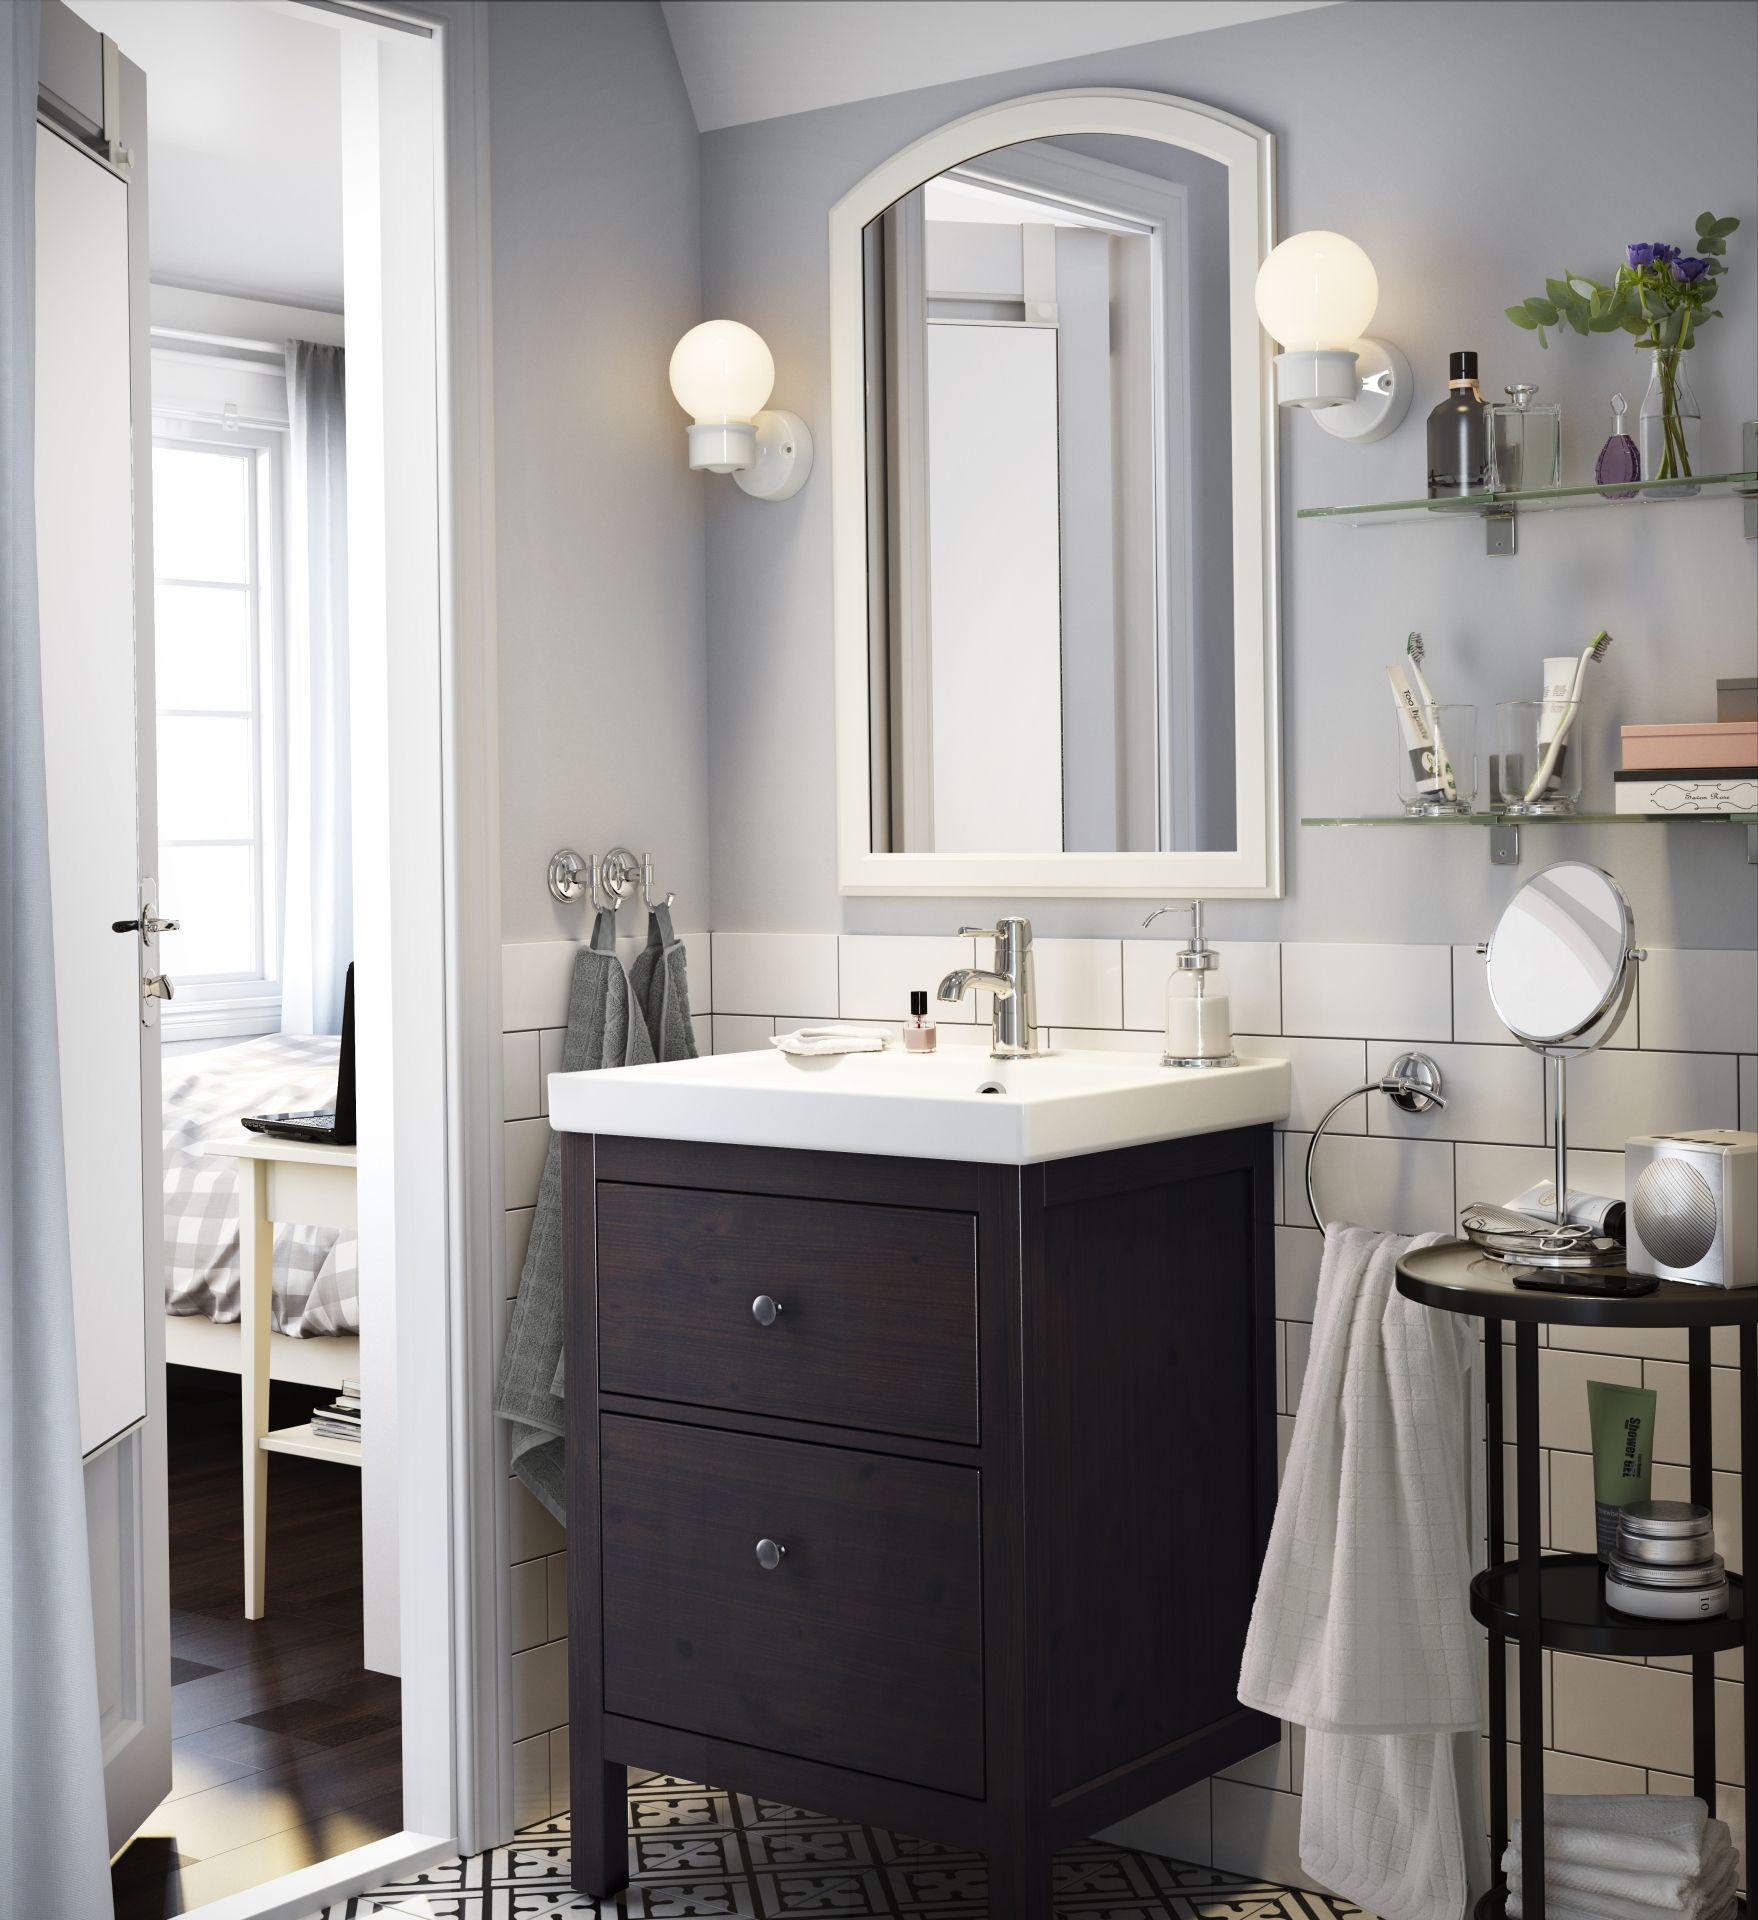 Mobel Einrichtungsideen Fur Dein Zuhause Weisse Badezimmer Badezimmer Badezimmer Im Erdgeschoss